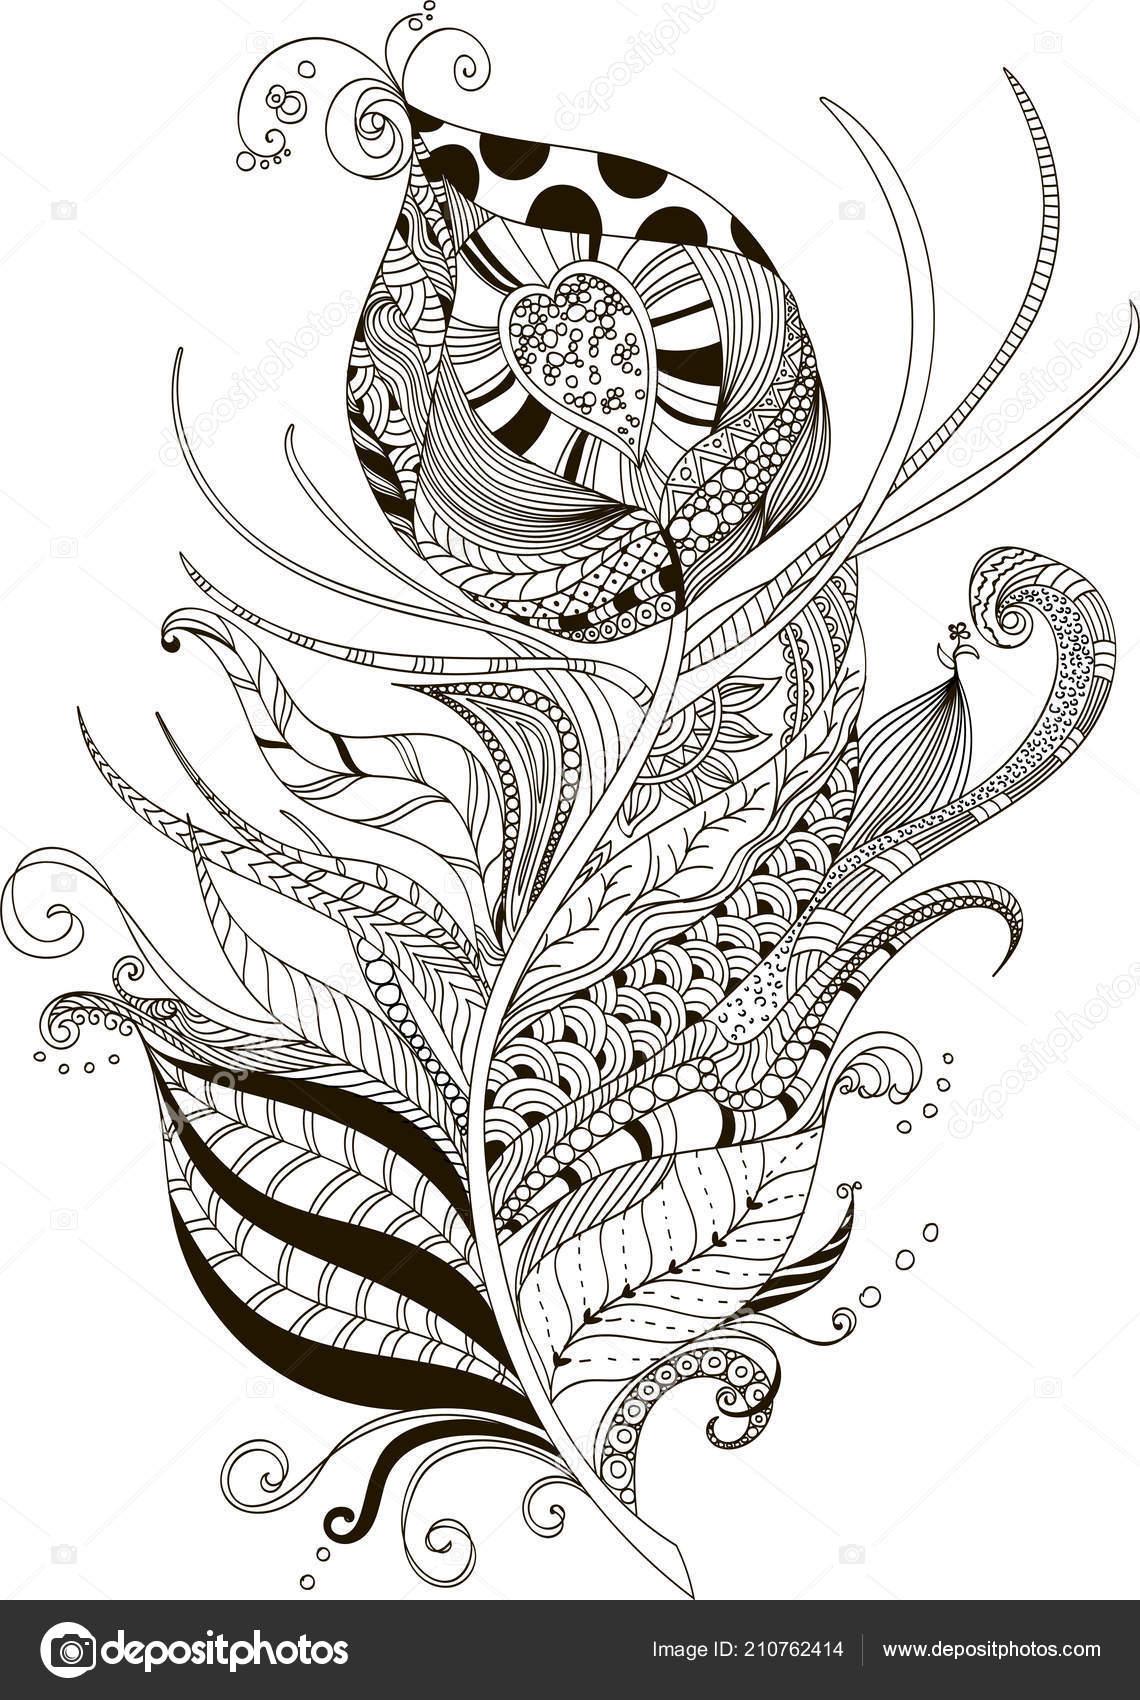 Dibujo Estilo Zentangle Pluma Pavo Real Para Colorear Libro Tatuaje